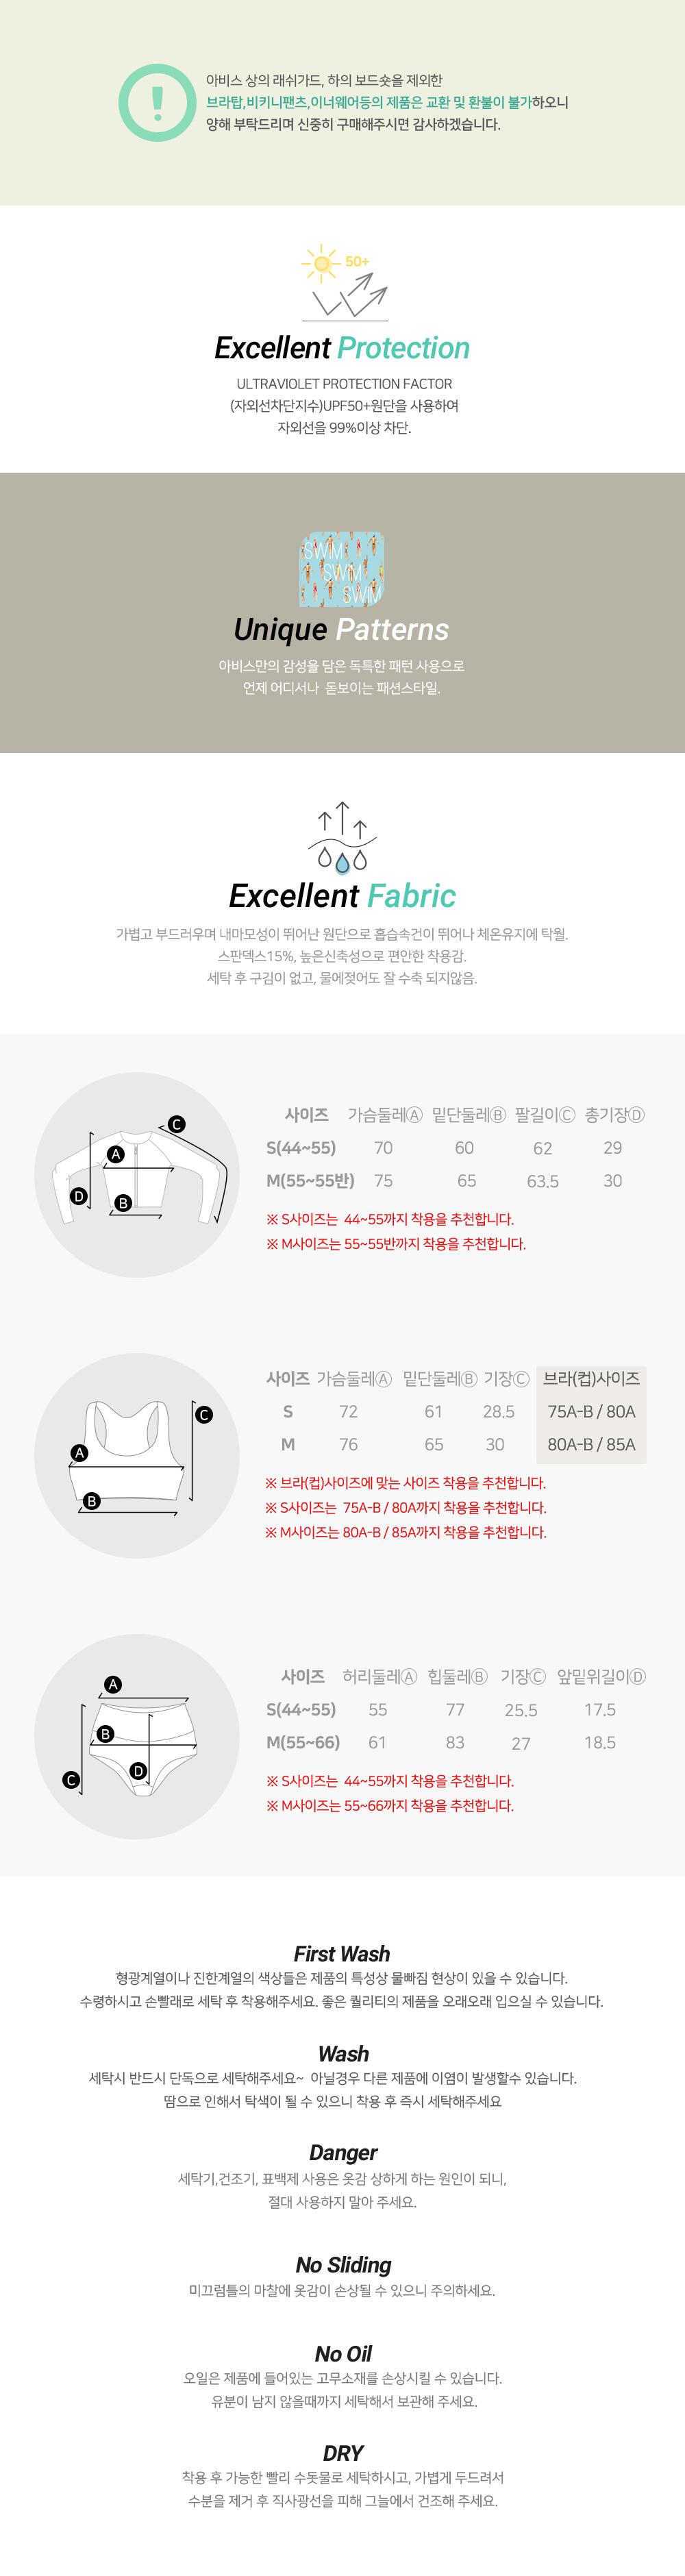 아비스 우먼 크롭 집업래쉬가드+브라탑+팬츠세트 제품특징 및 사이즈정보